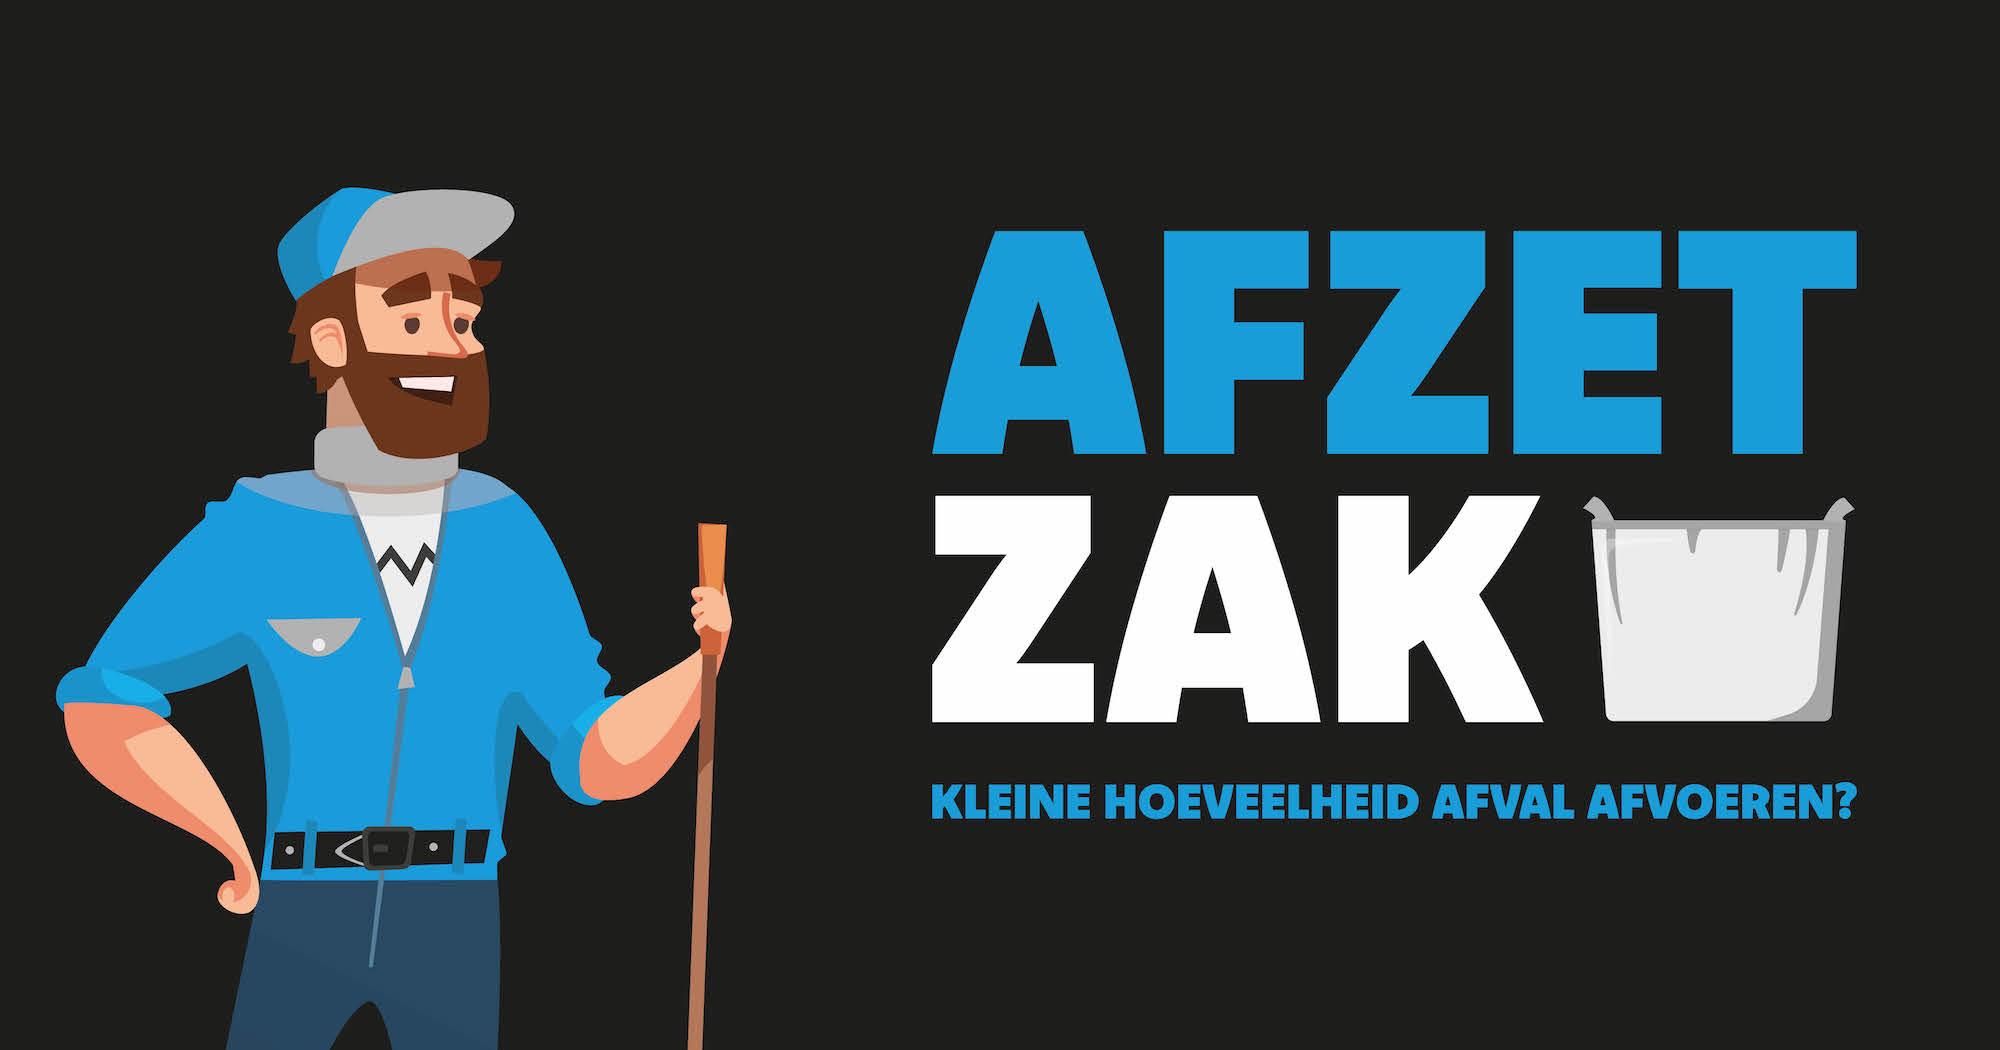 Afzetzak - GoedkopeBouwcontainerHuren.nl